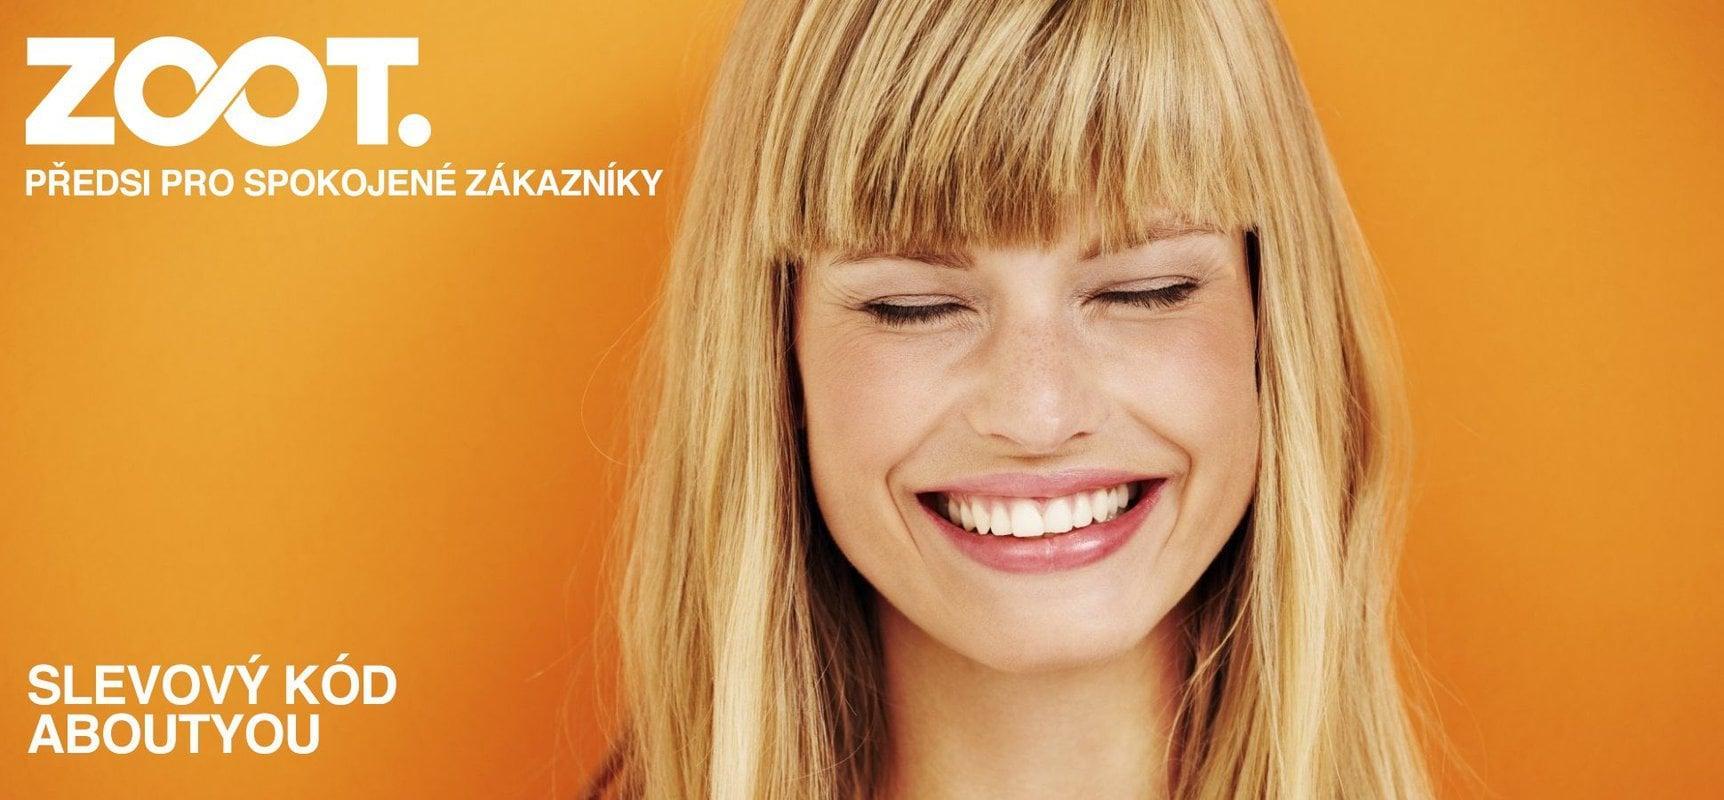 About You nezvládlo komunikaci v češtině, to zákazník neodpouští